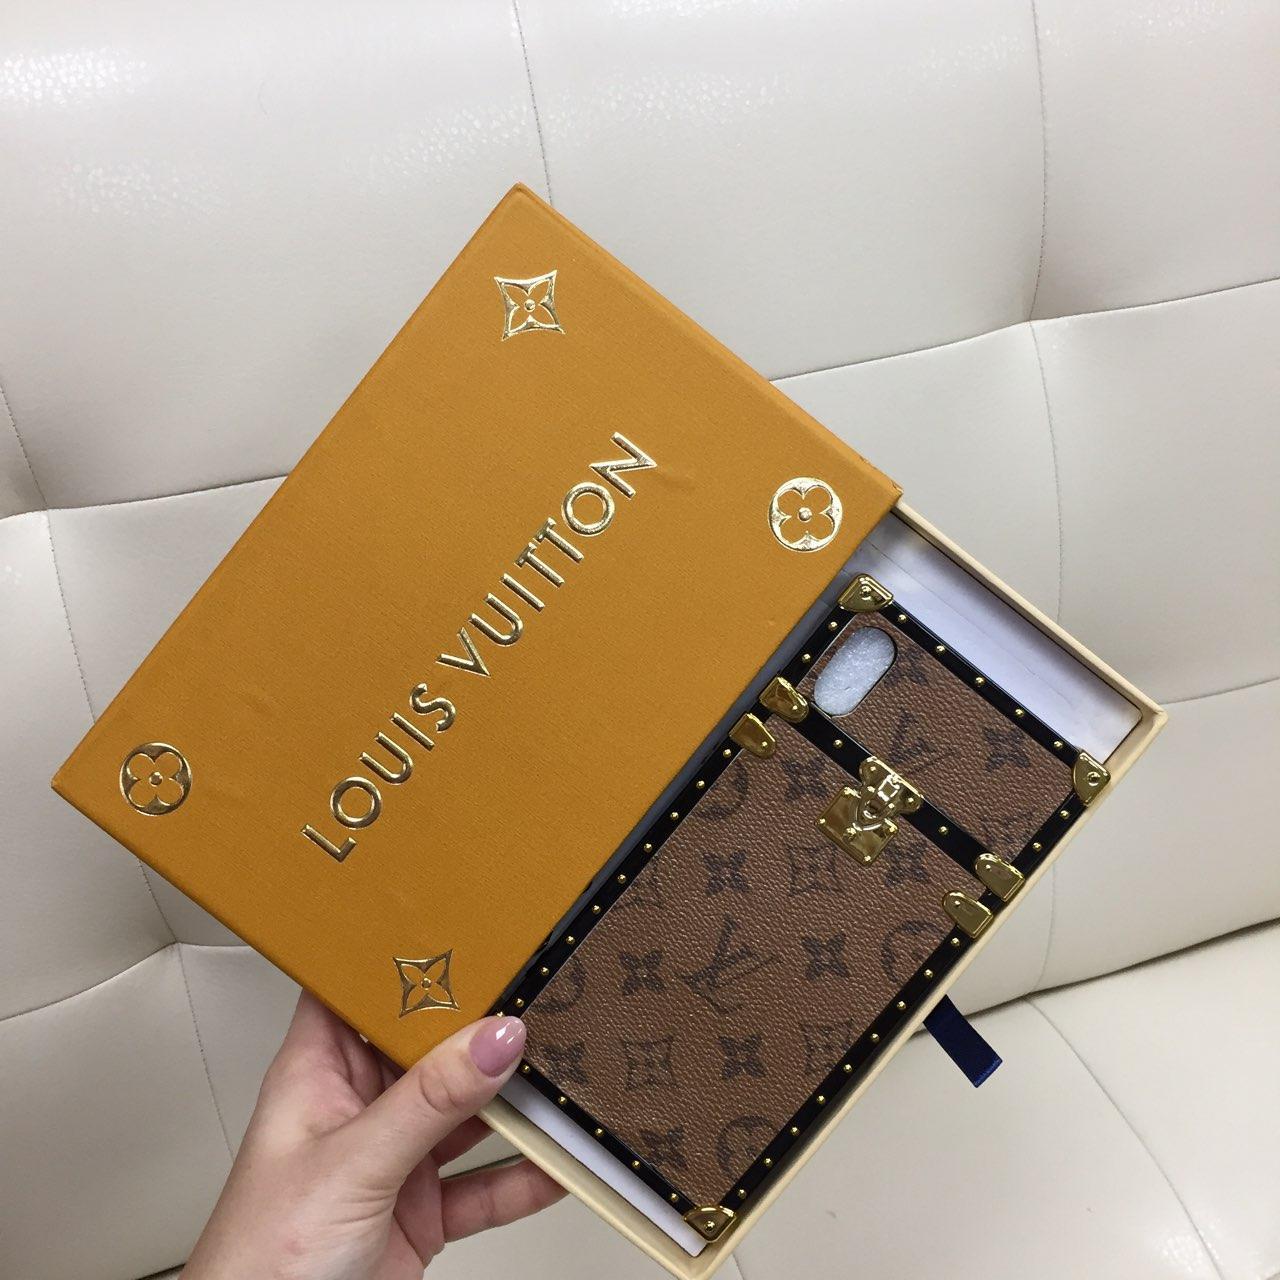 Чехол для iPhone XR Louis Vuitton бампер силикон кожа светло коричневая классика с буквами